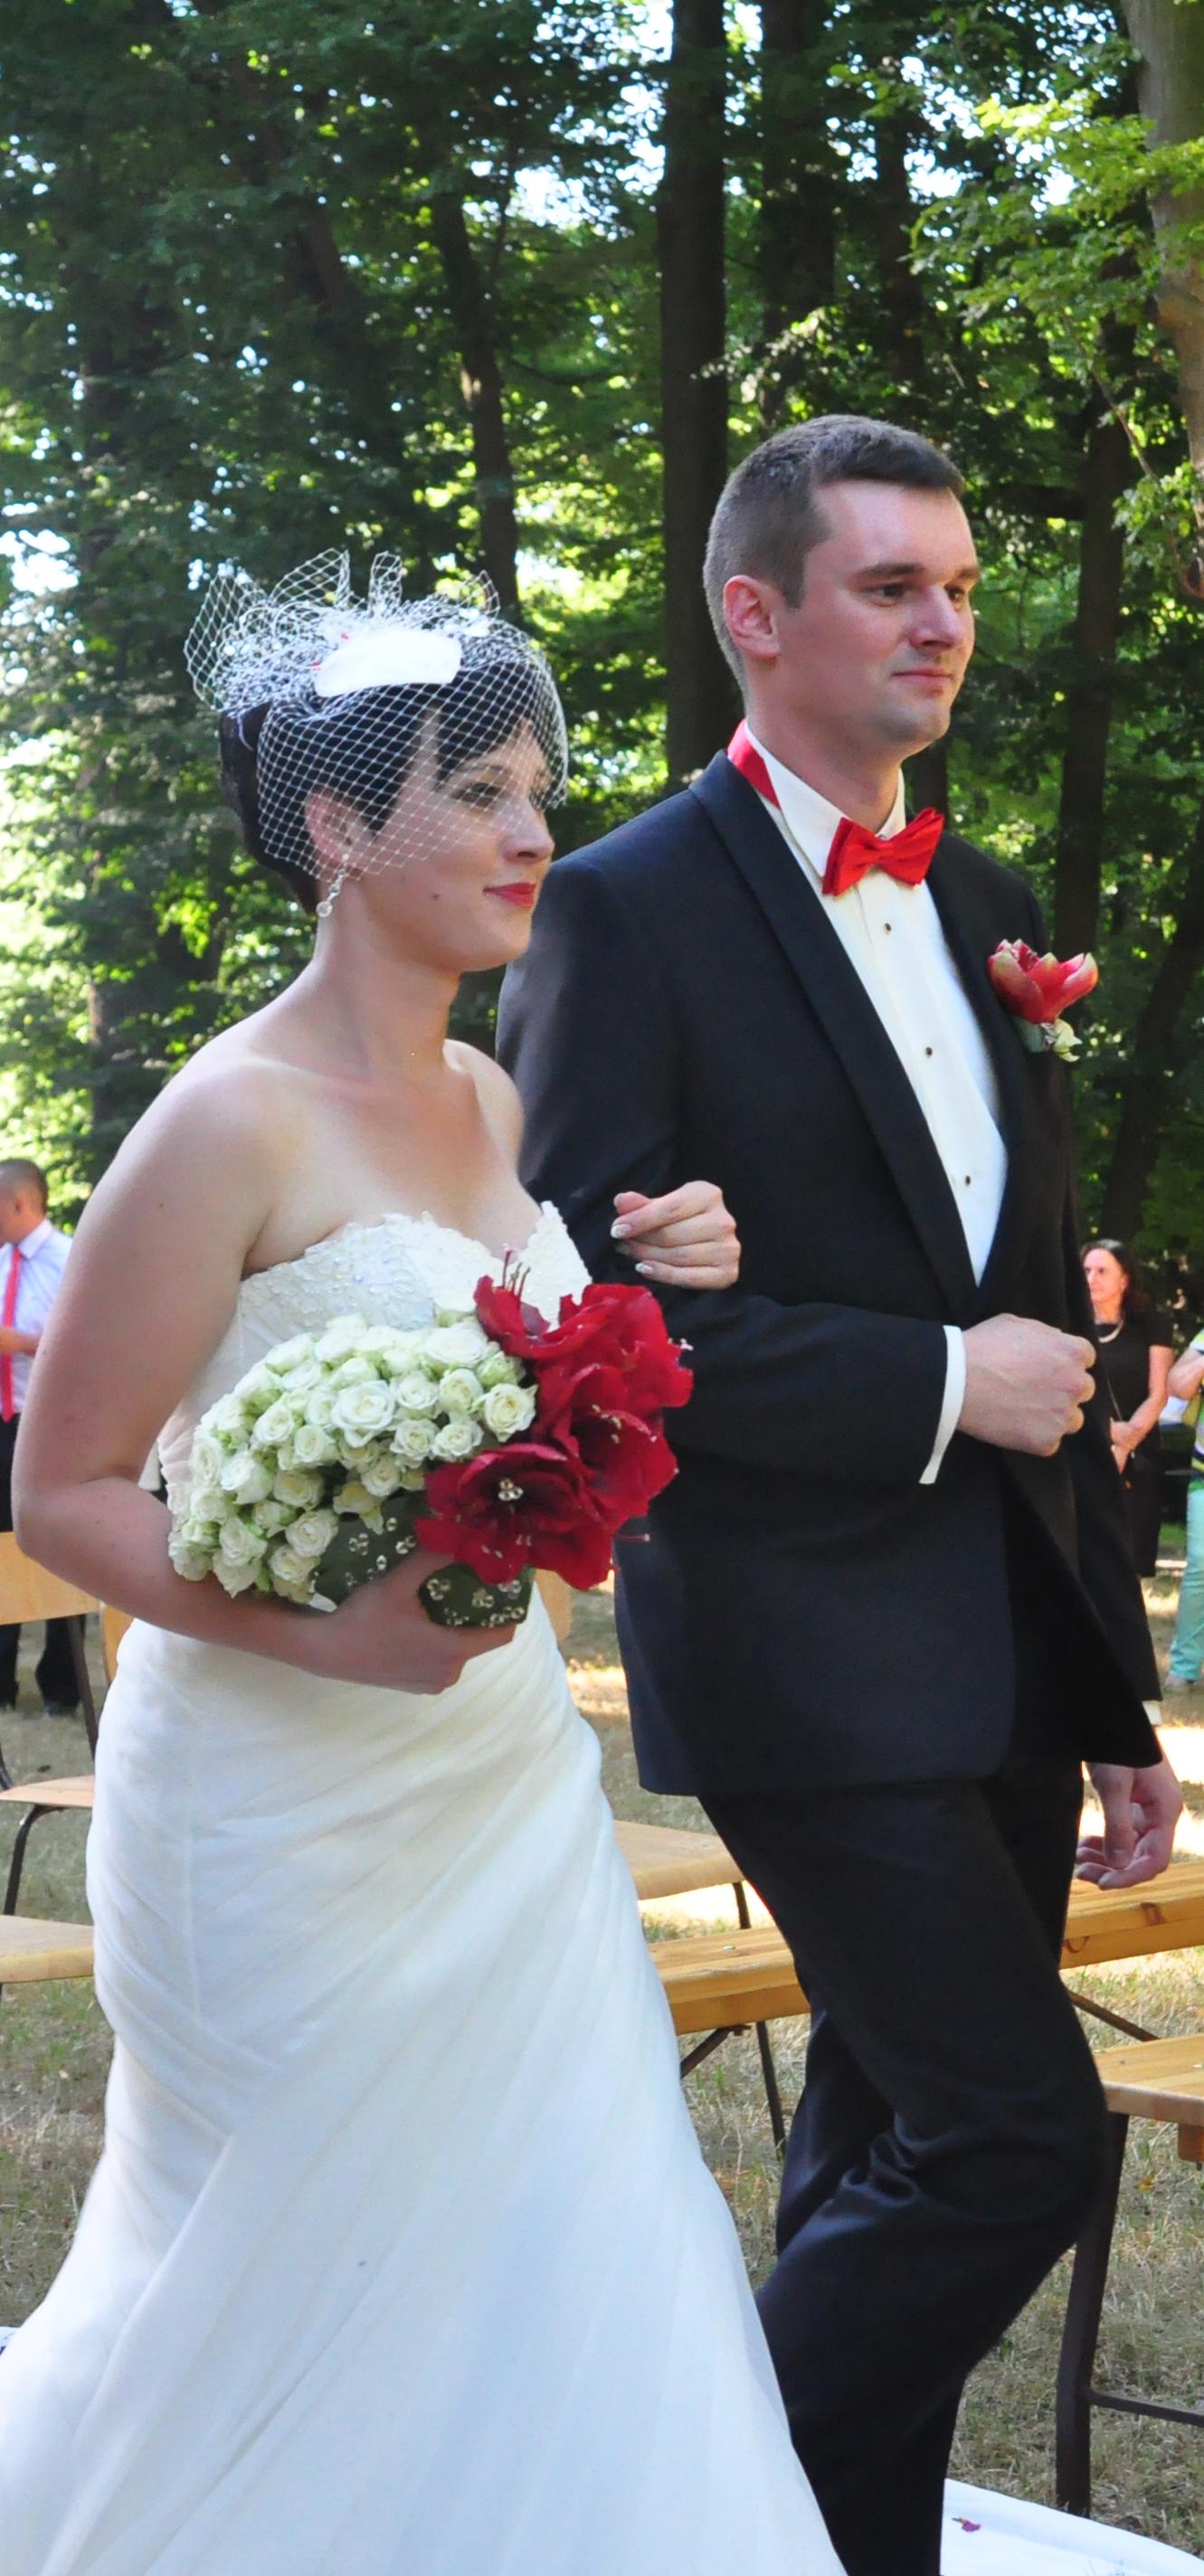 Bukiety ślubne w postaci wachlarza by Monika florystyczna pasja